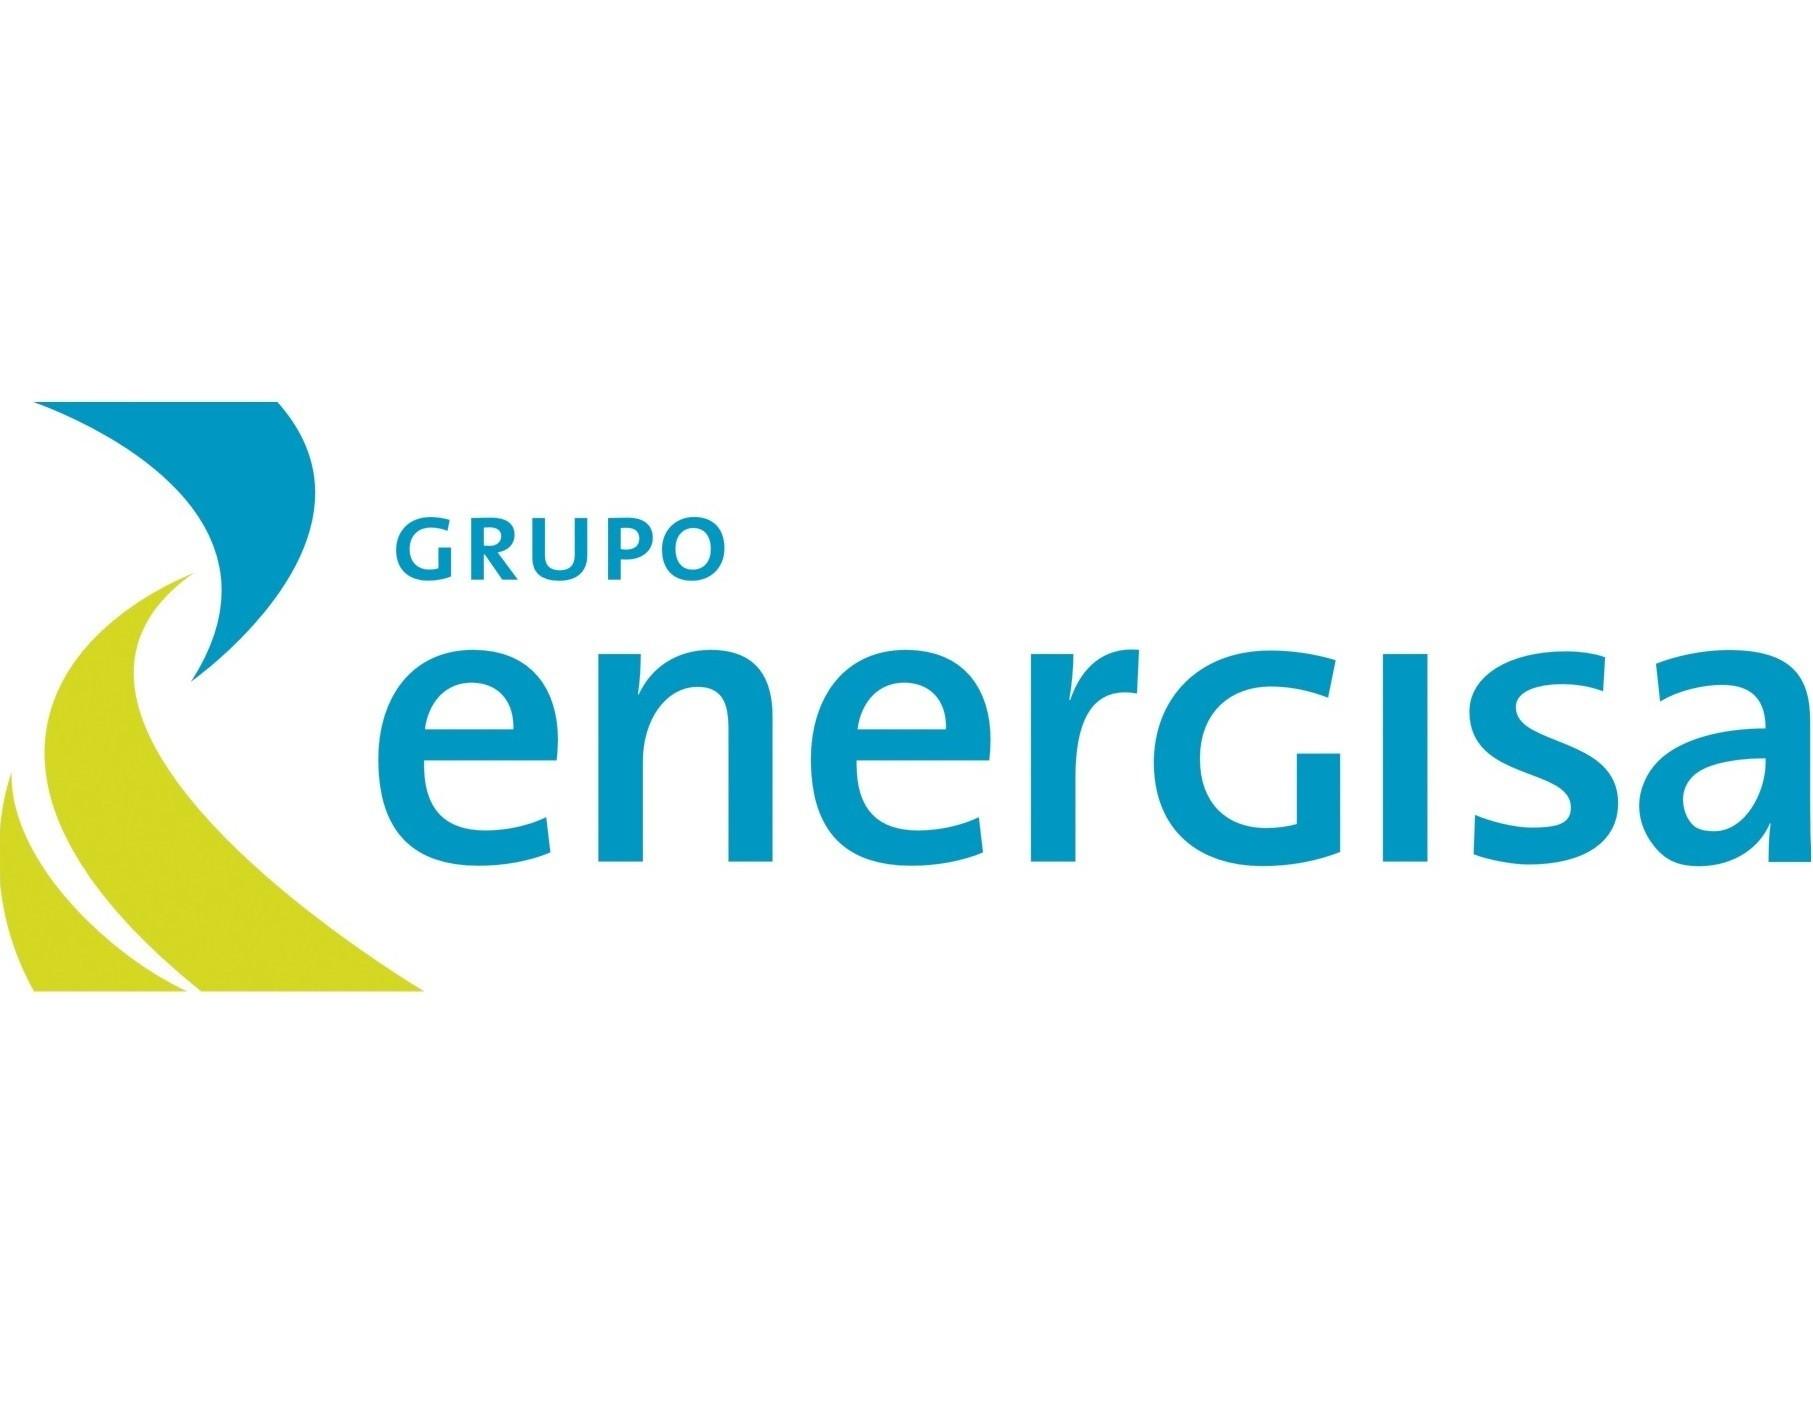 energisa-mercado-de-energia